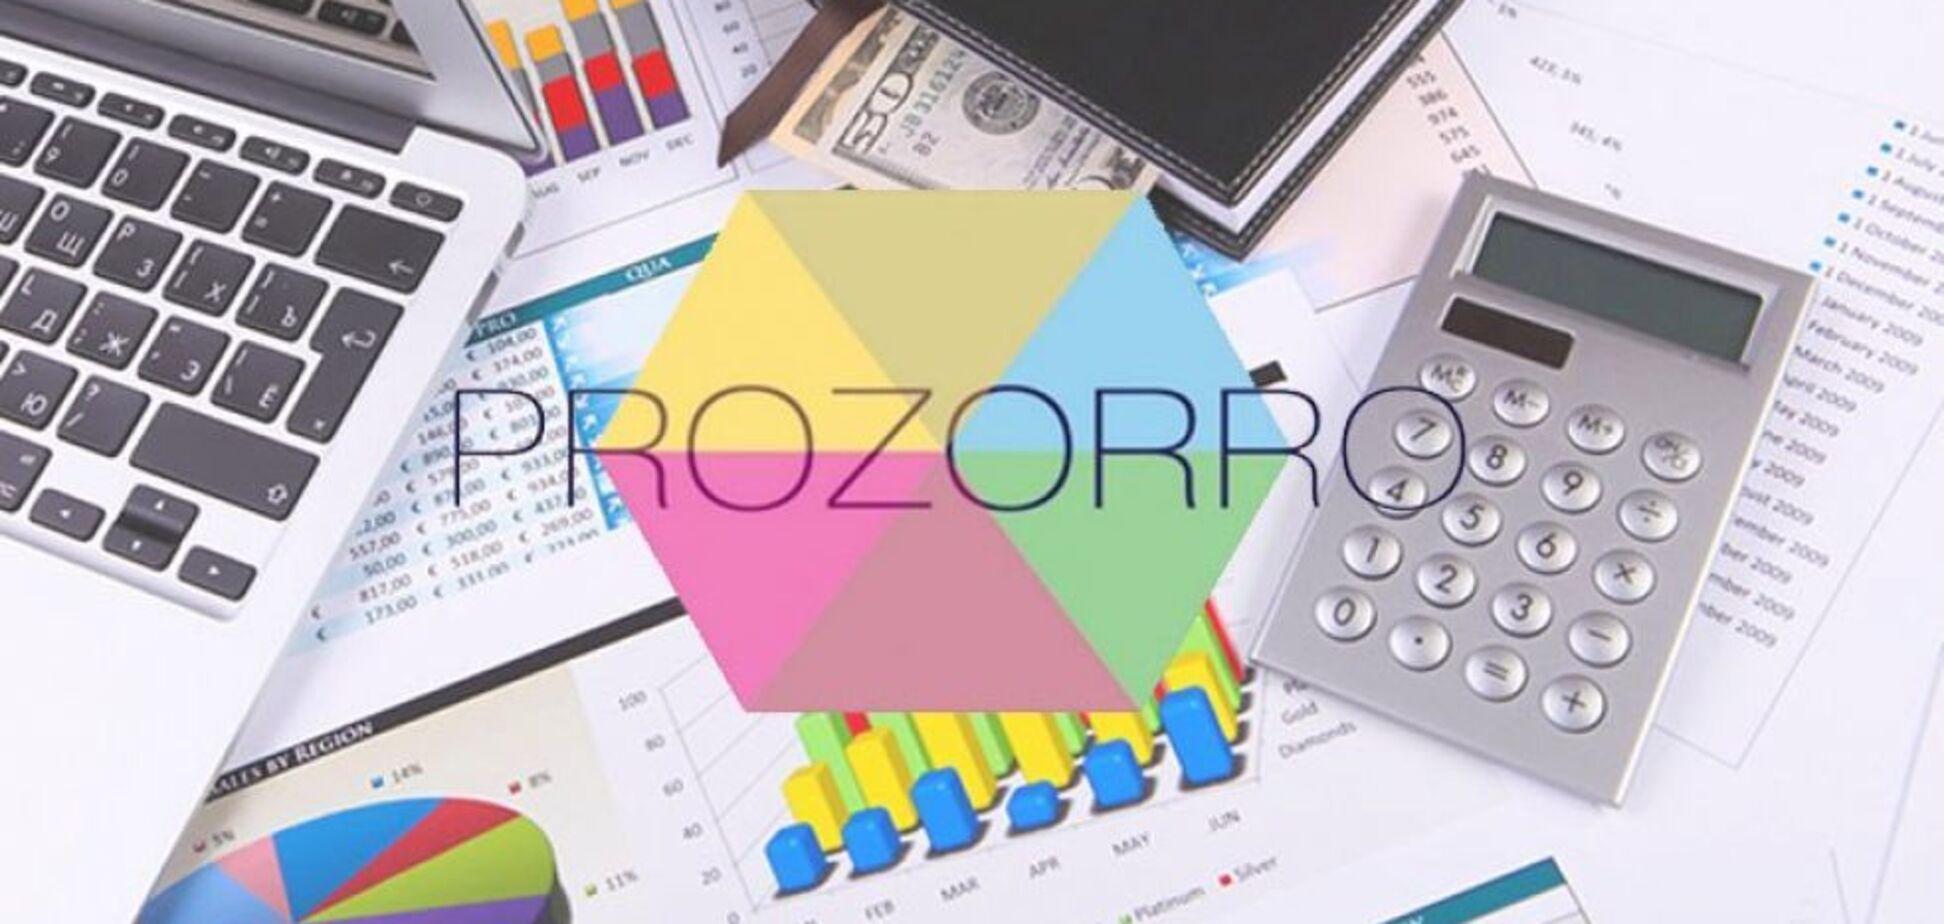 Коммерческая монополия ProZorro: для кого на самом деле запущена малая приватизация